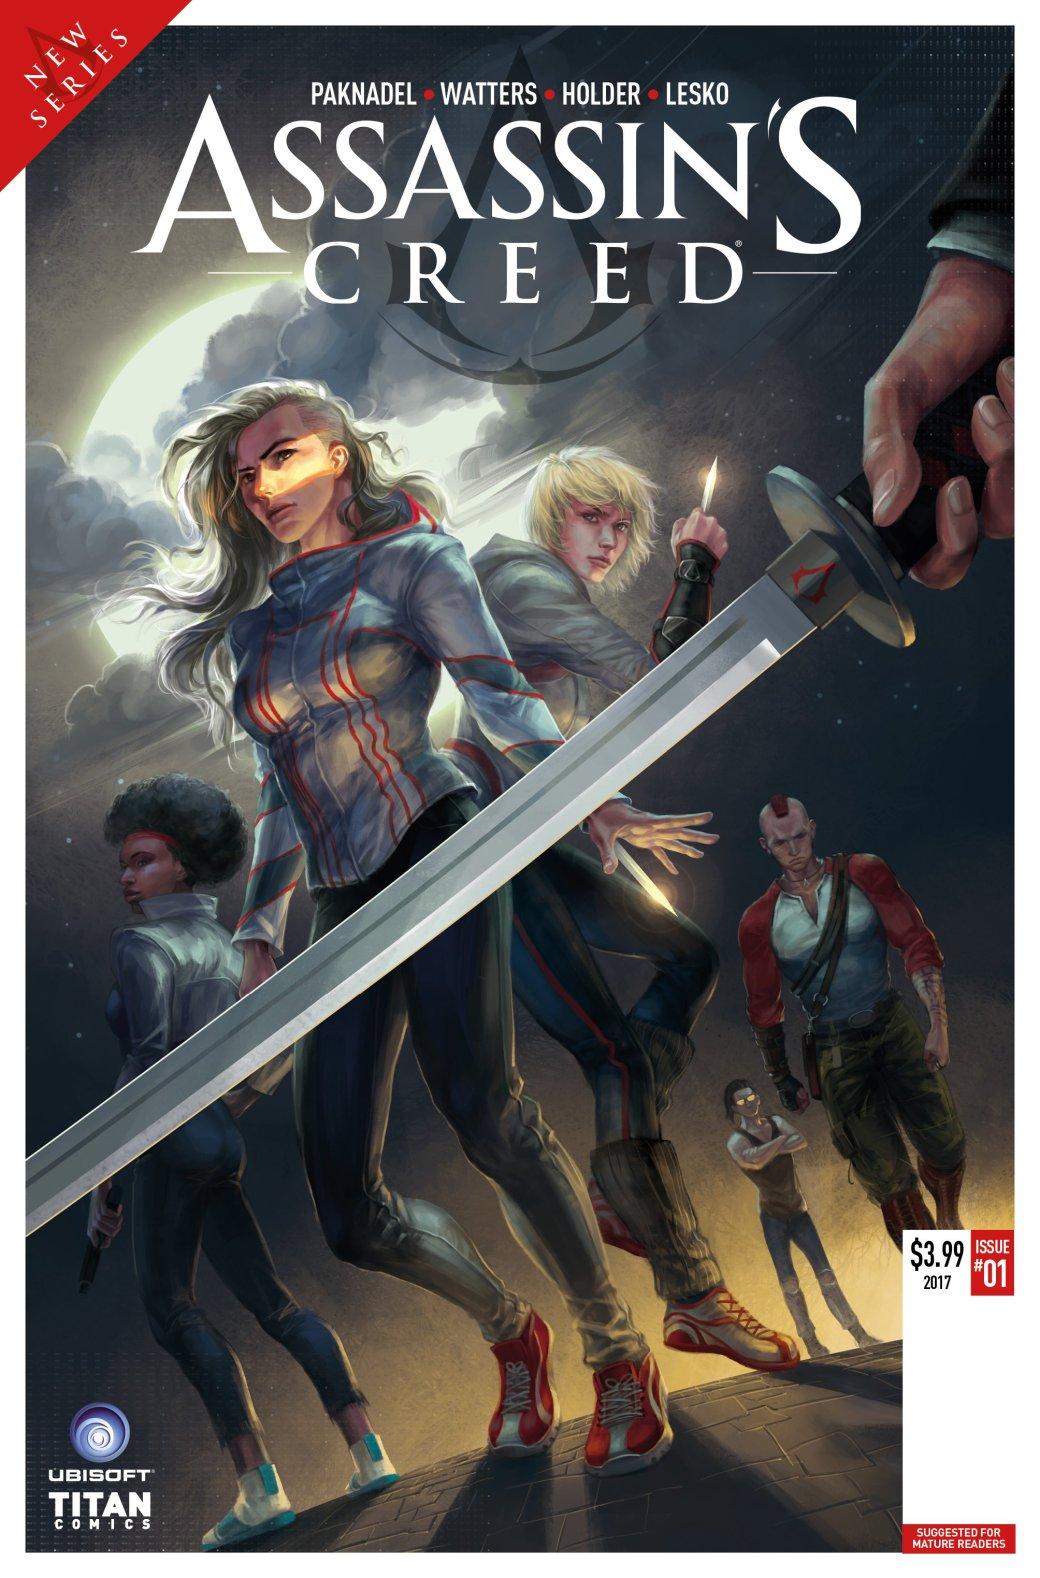 Важные сюжетные детали Assassin's Creed будут раскрыты вкомиксе - Изображение 1